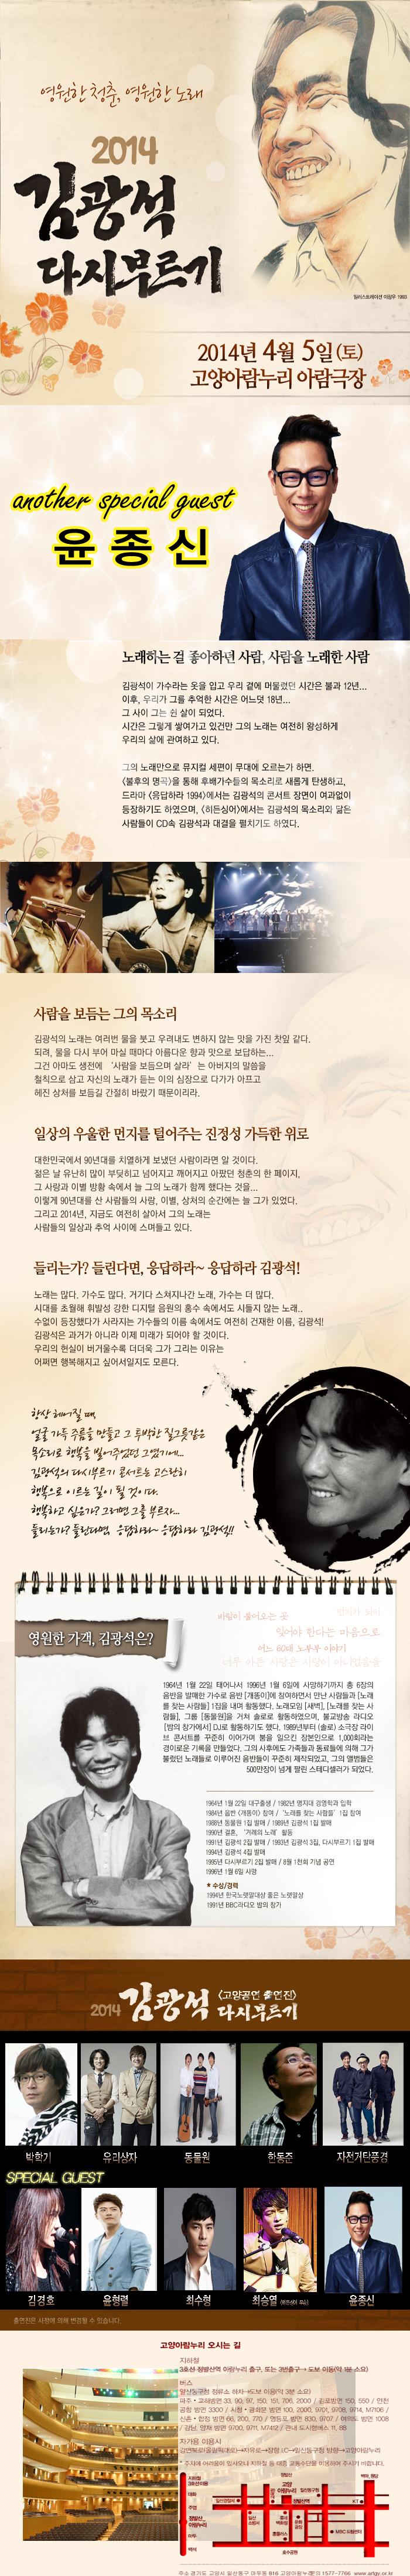 사람을 노래했던 김광석과 함께 청춘의 삶을 살아가려는 사람들이 고양에 모여 ′사람′을 노래합니다.